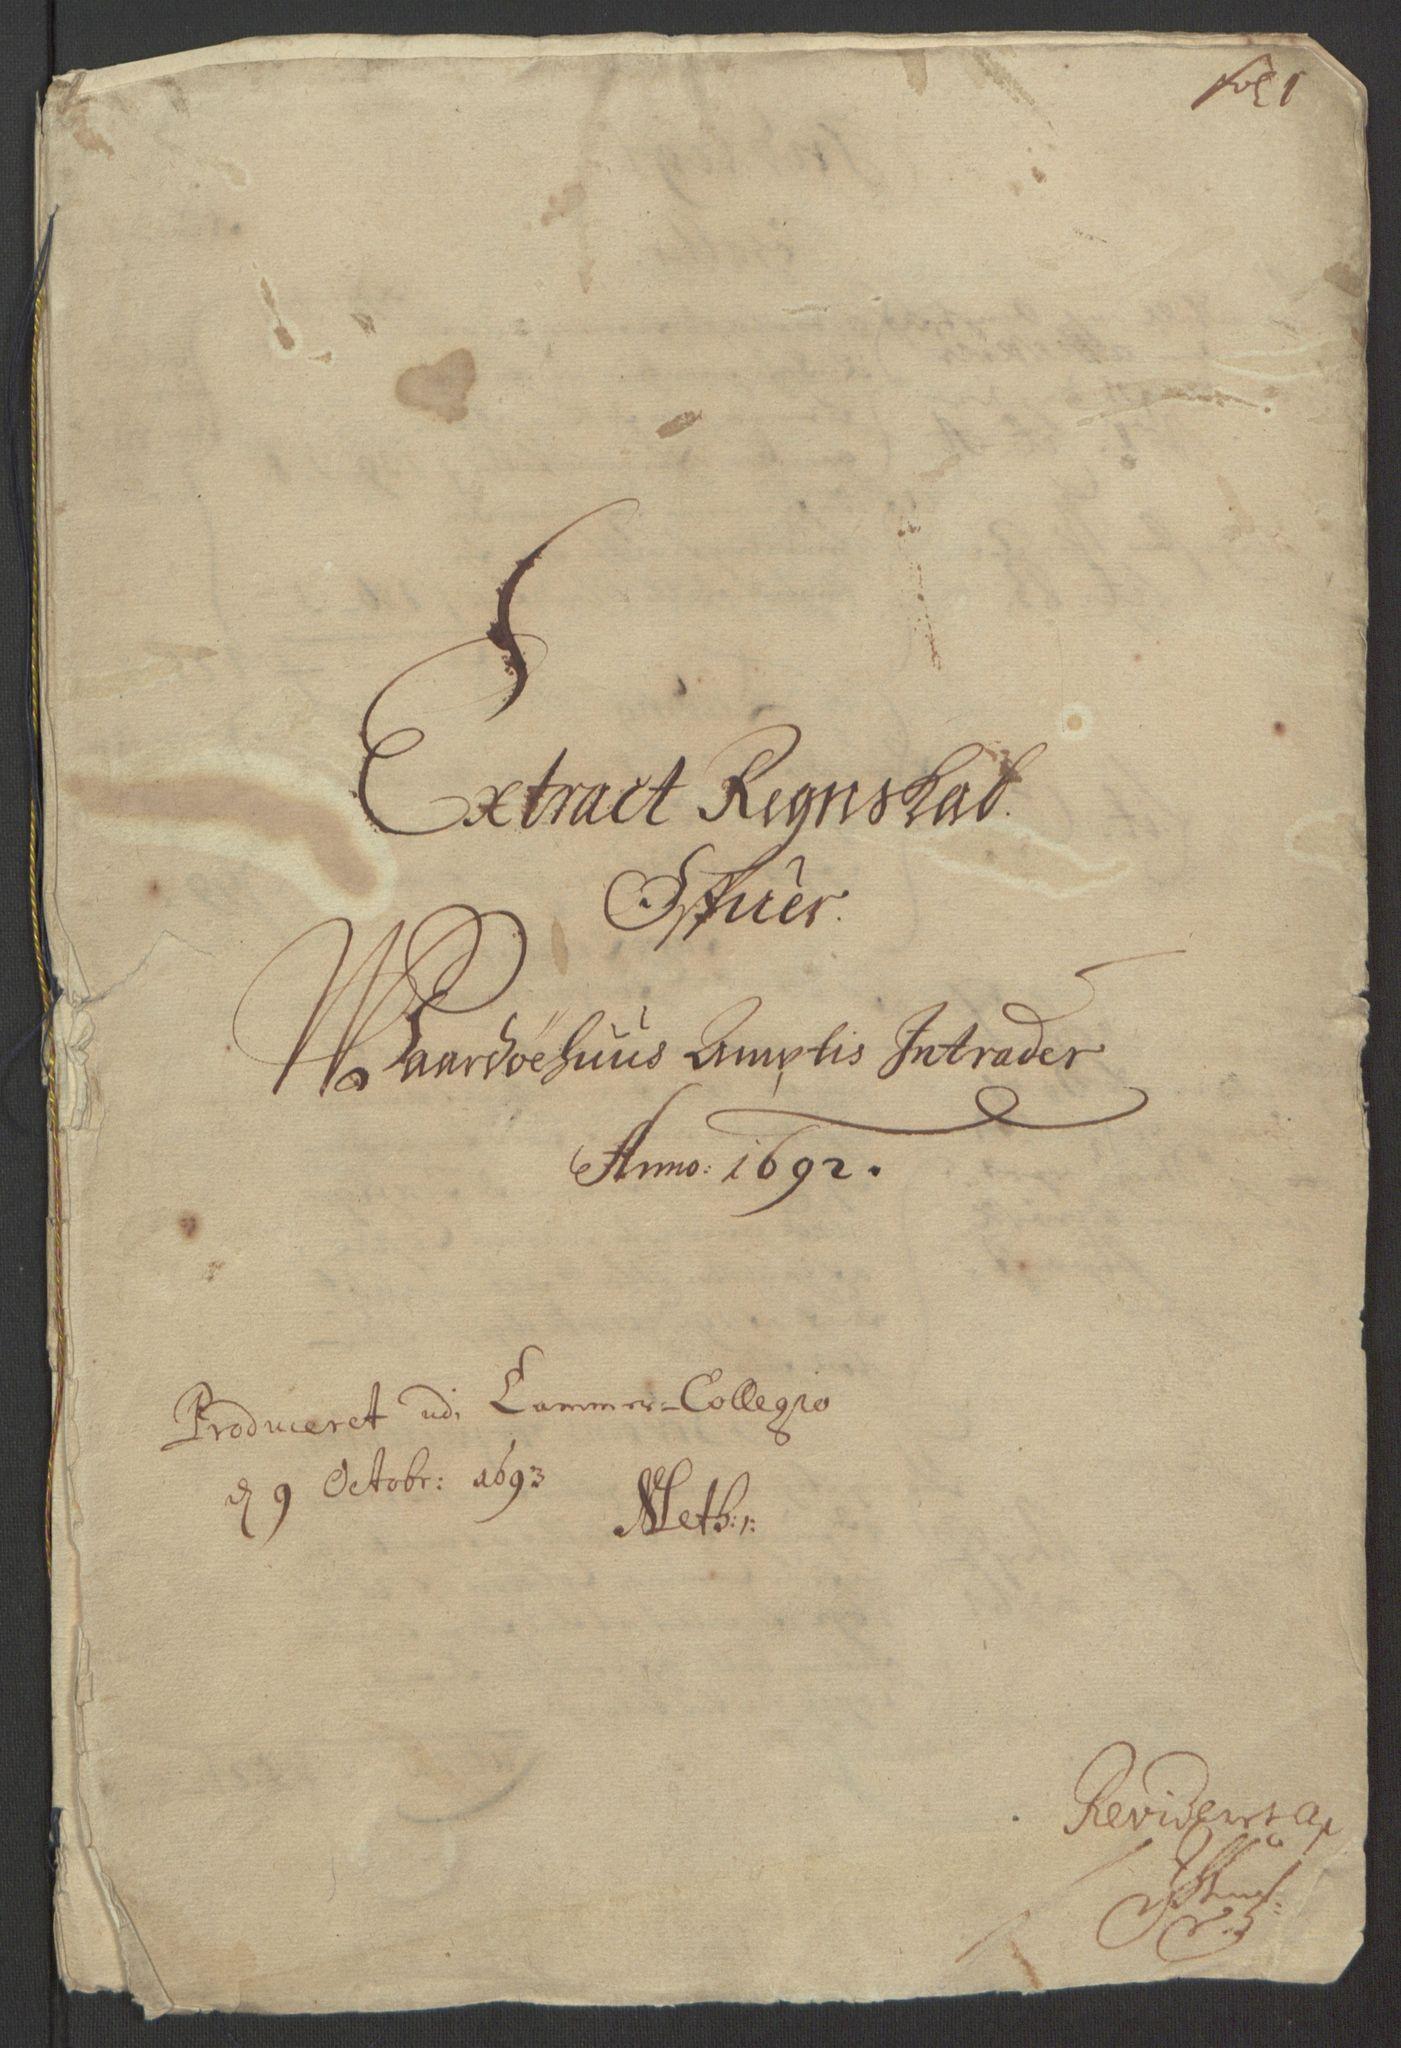 RA, Rentekammeret inntil 1814, Reviderte regnskaper, Fogderegnskap, R69/L4851: Fogderegnskap Finnmark/Vardøhus, 1691-1700, s. 133